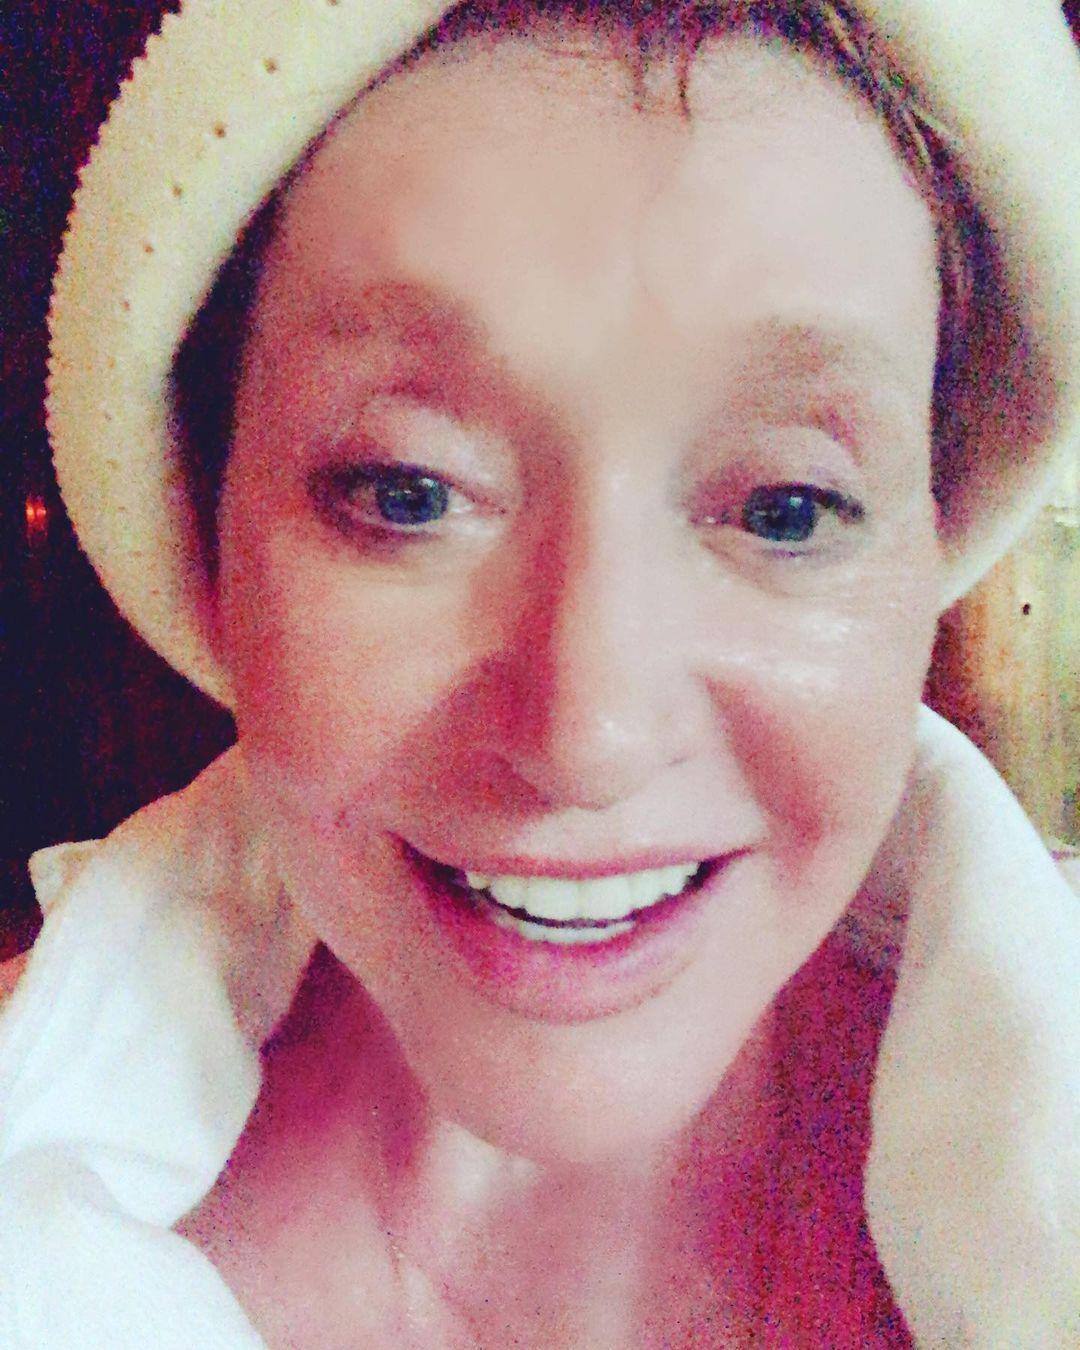 Пугачова показала обличчя без макіяжу / instagram.com/alla_orfey